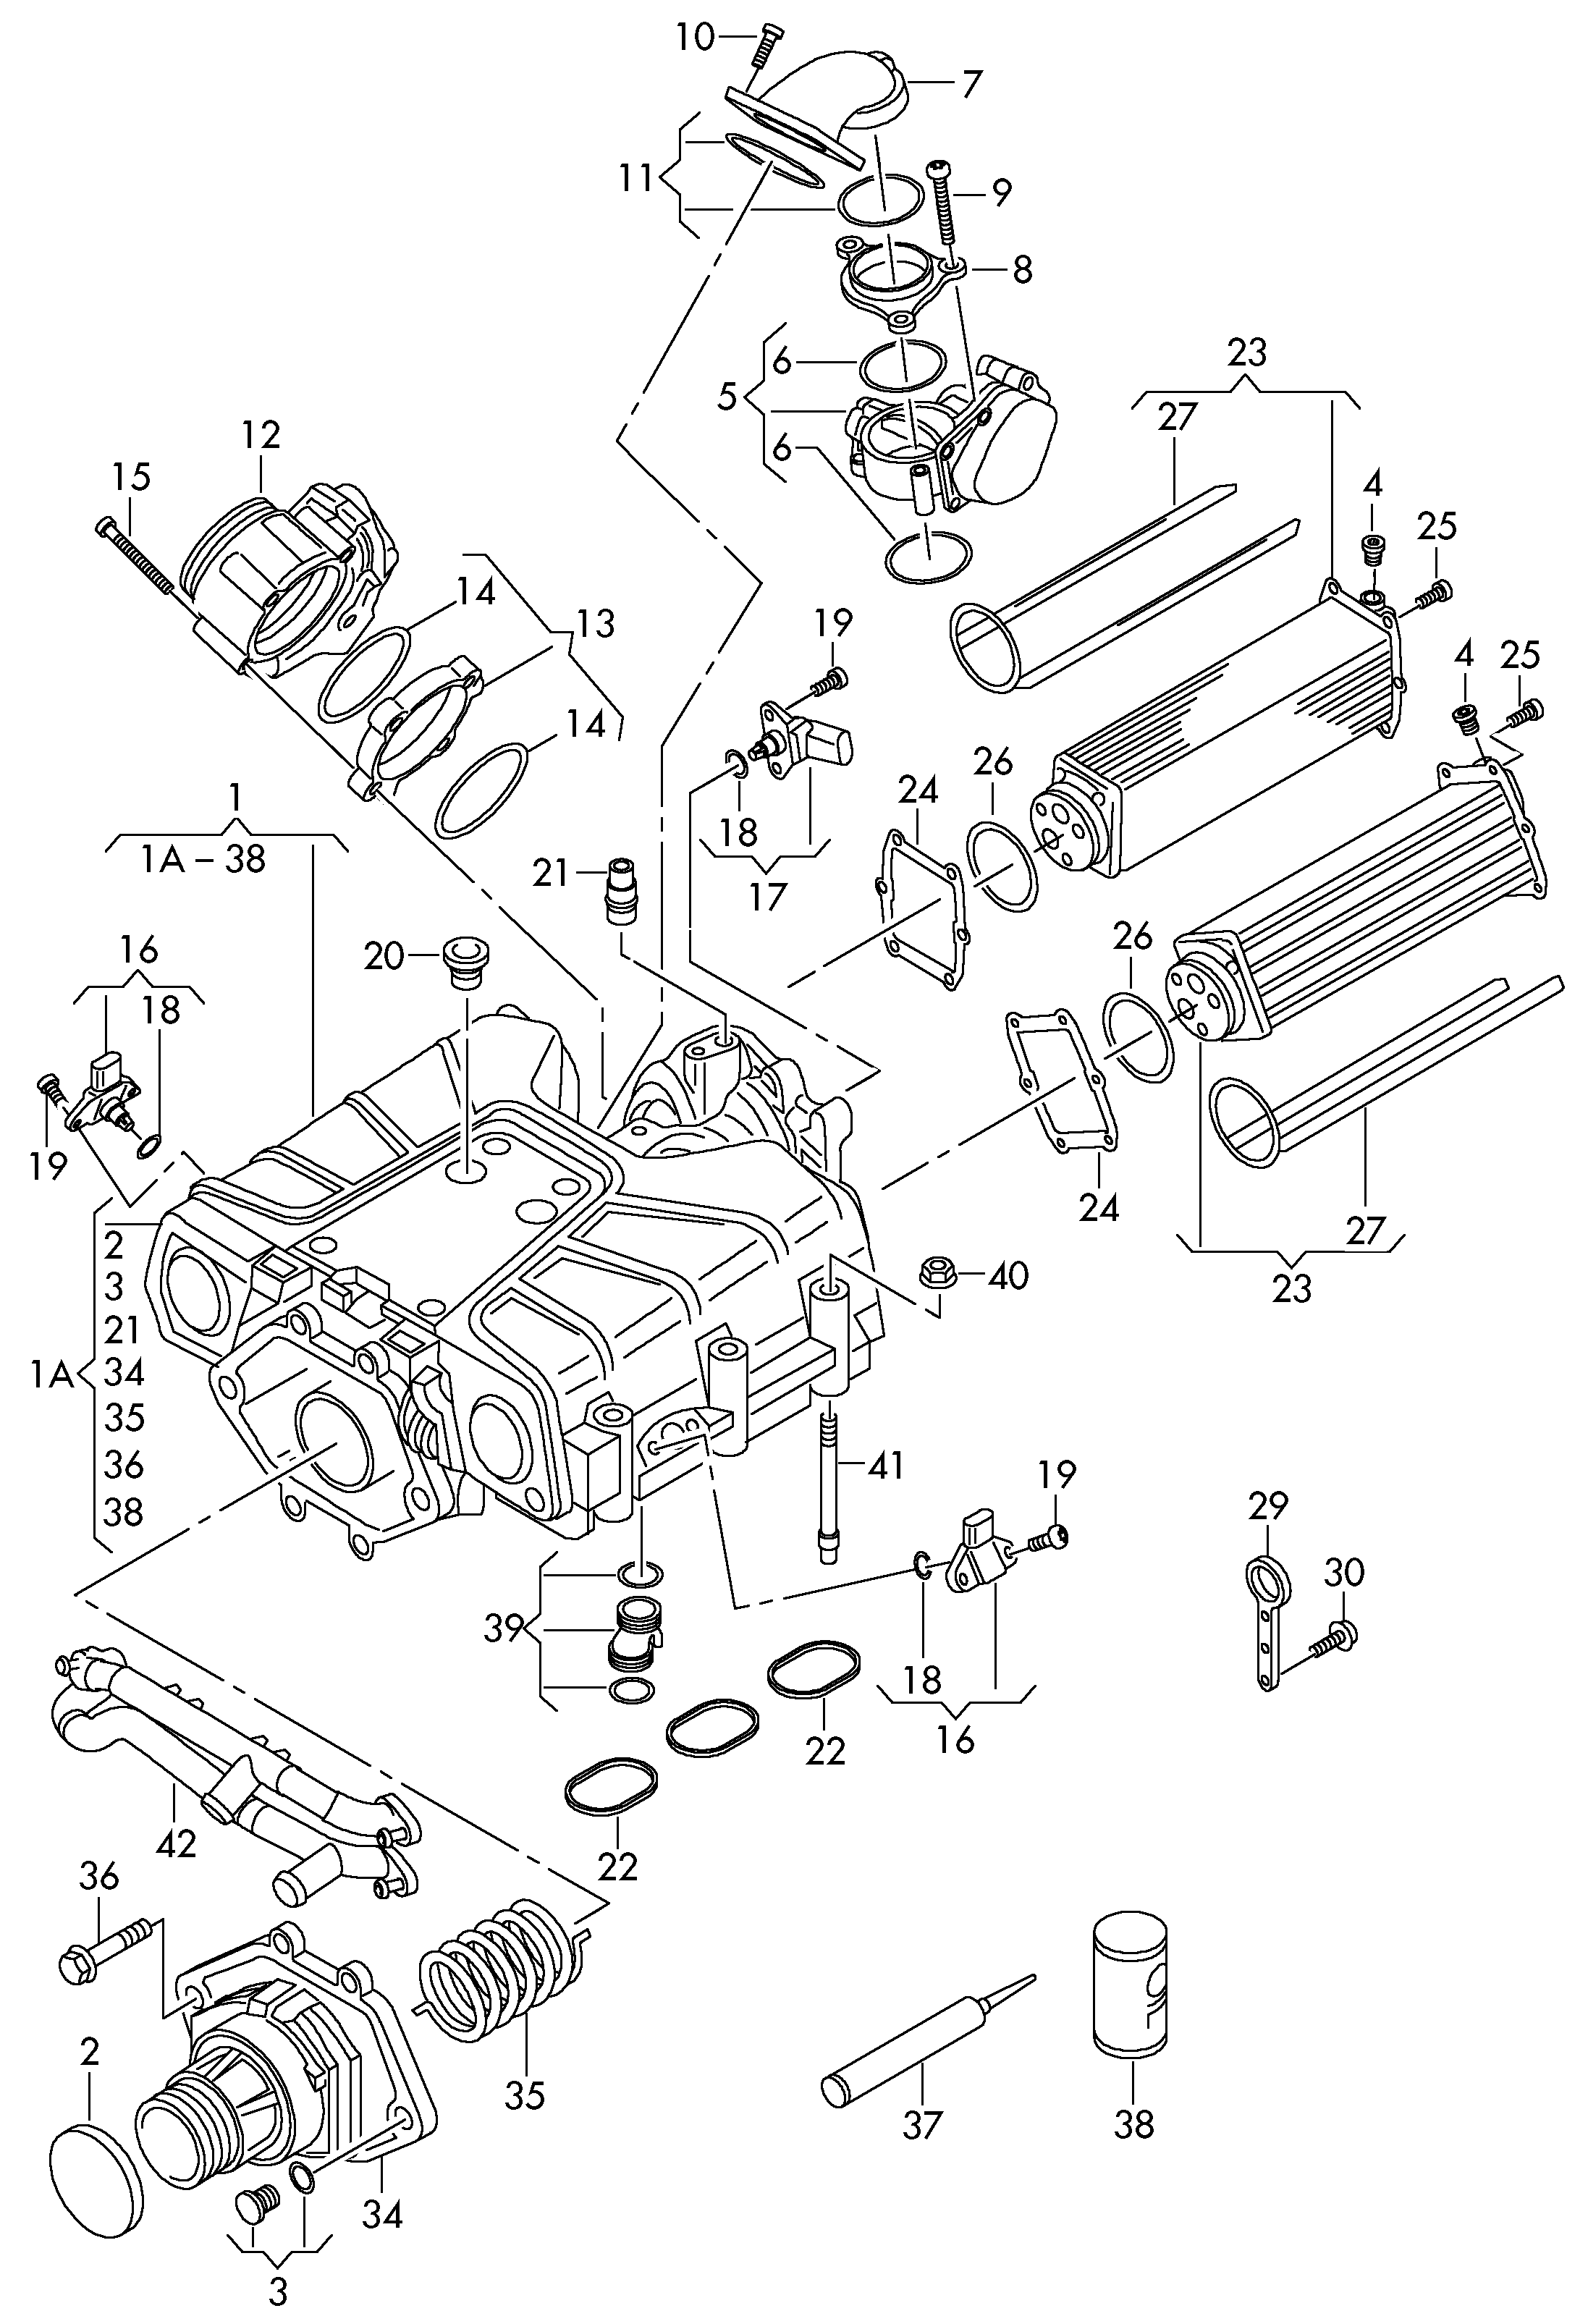 2015 Audi S5 Engine Diagram - Wiring Diagram Replace calm-symbol -  calm-symbol.miramontiseo.it   2015 Audi S5 Engine Diagram      calm-symbol.miramontiseo.it